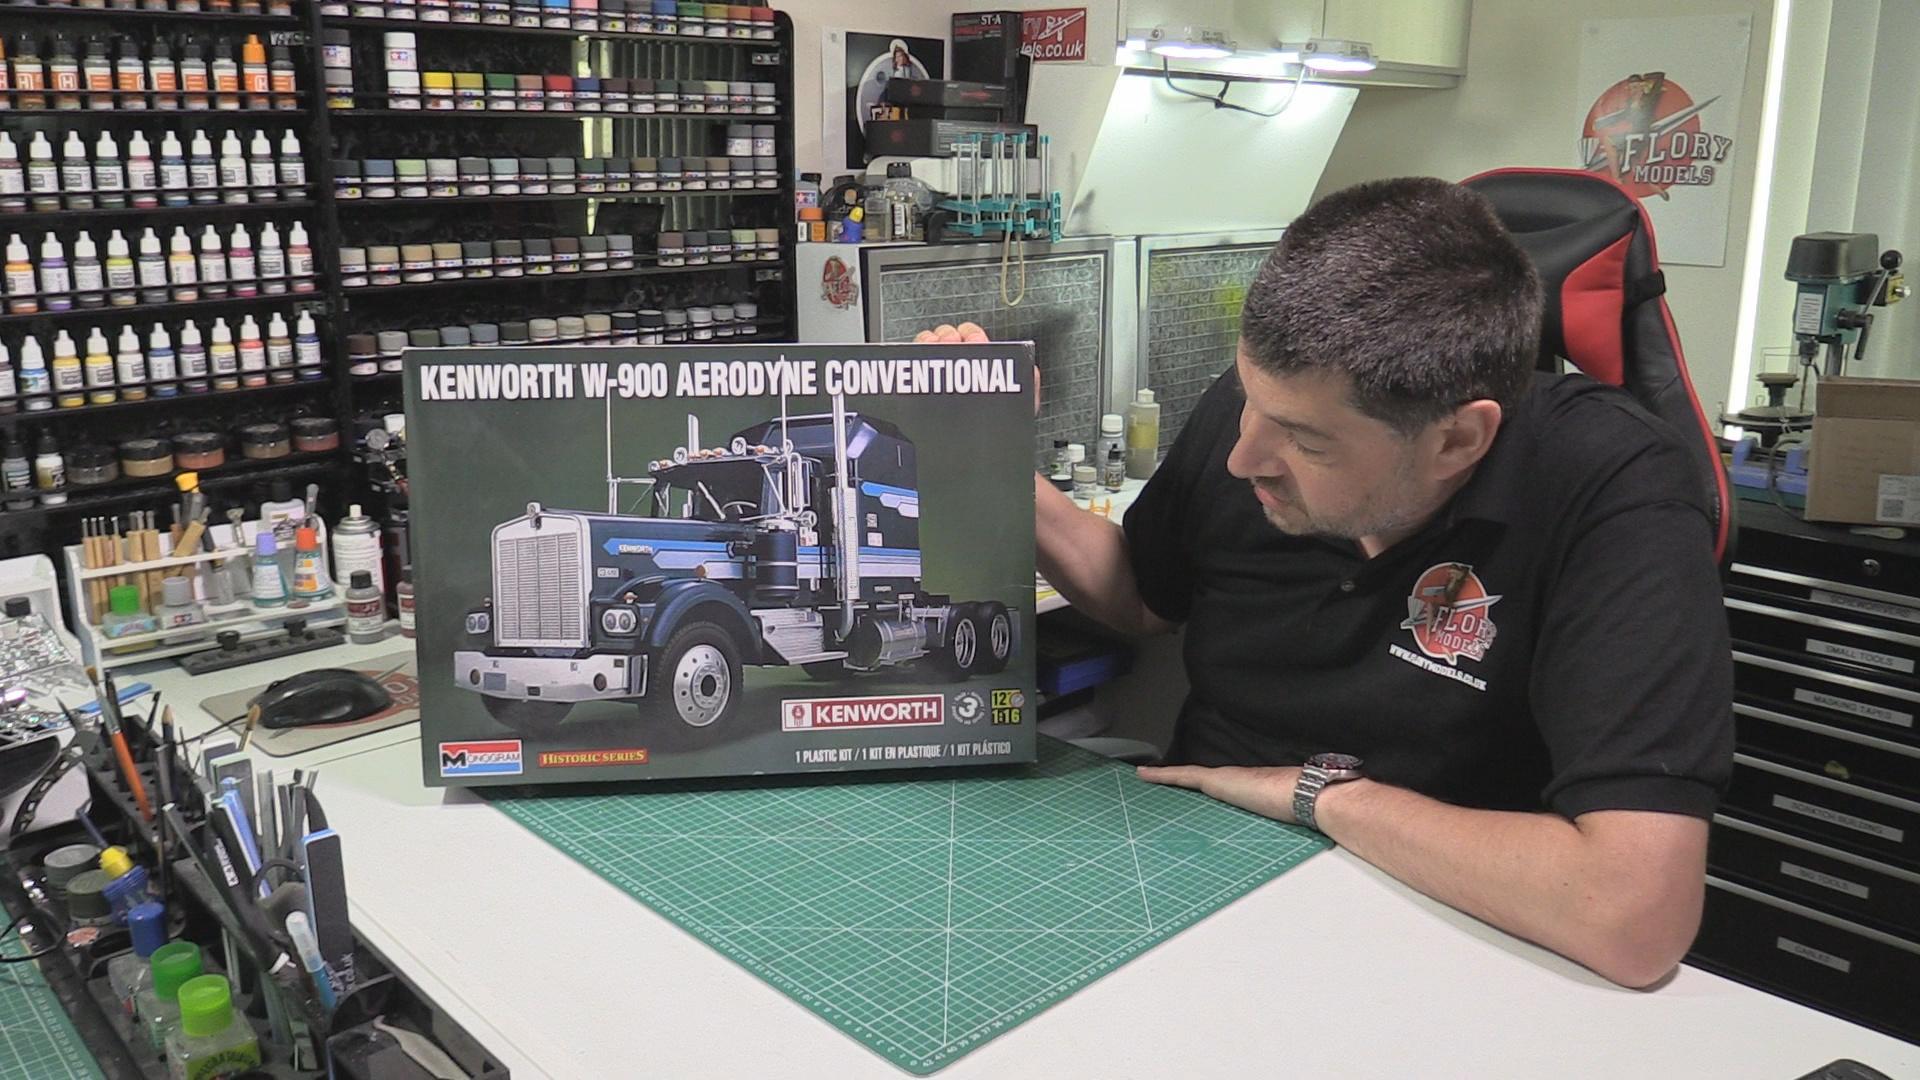 Kenworth Truck Part1 Pic 1.jpg